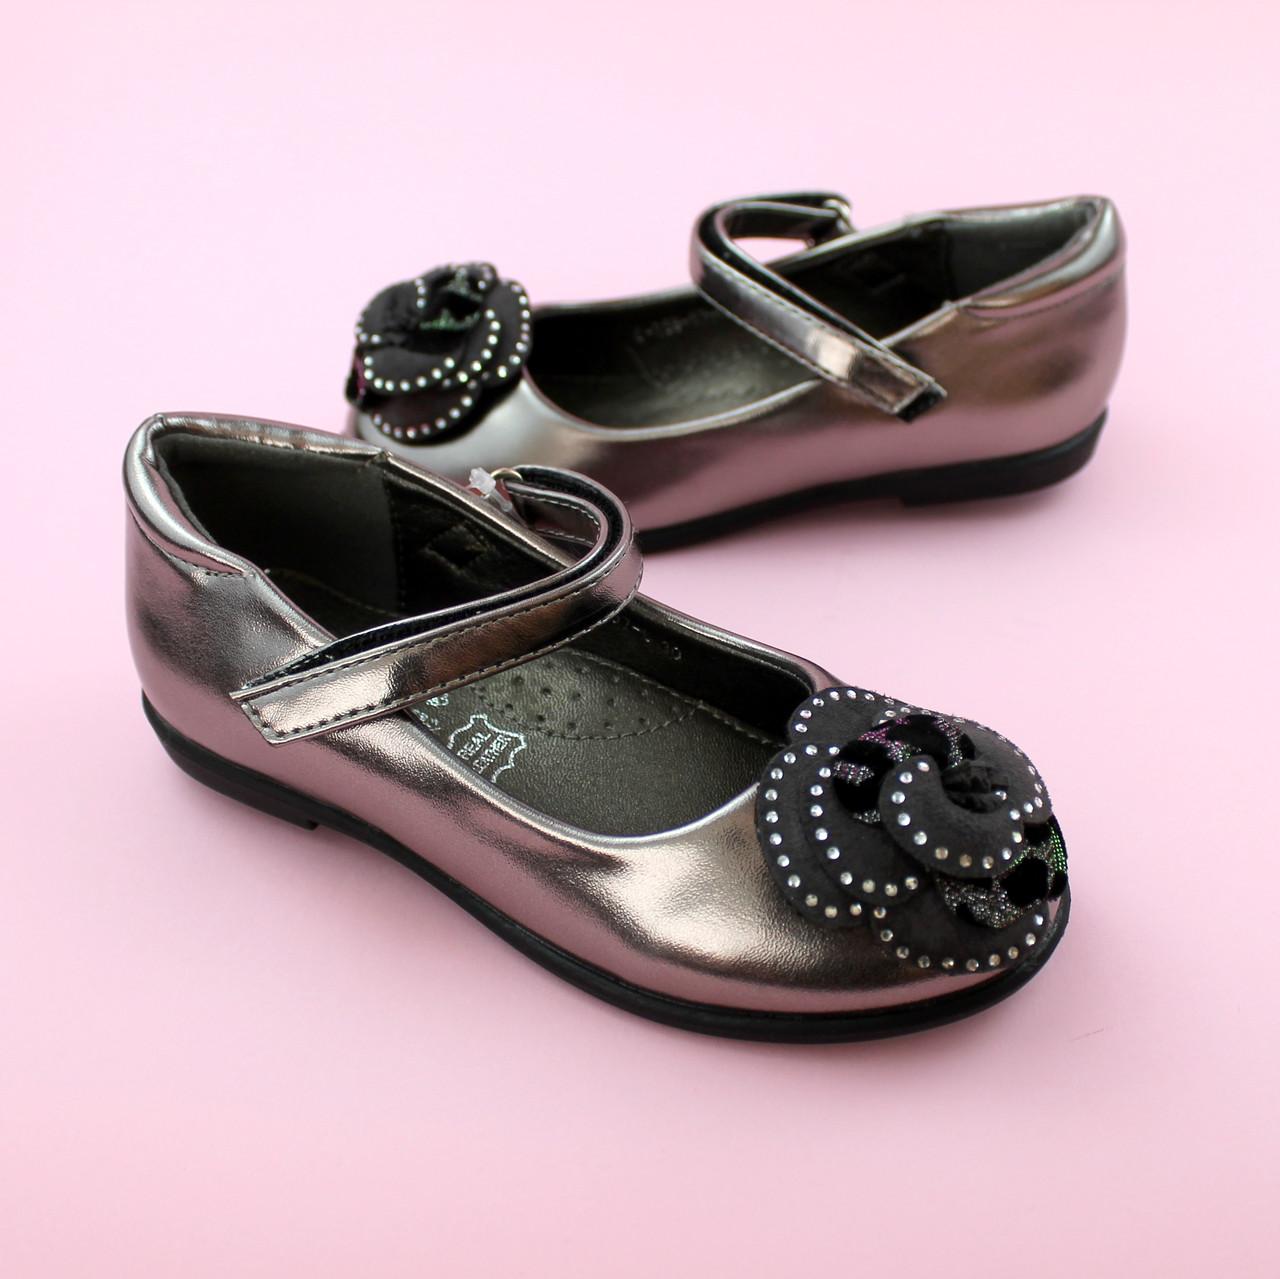 Детские туфли для девочки Серебро обувь Том.м размер 28,31,33,35